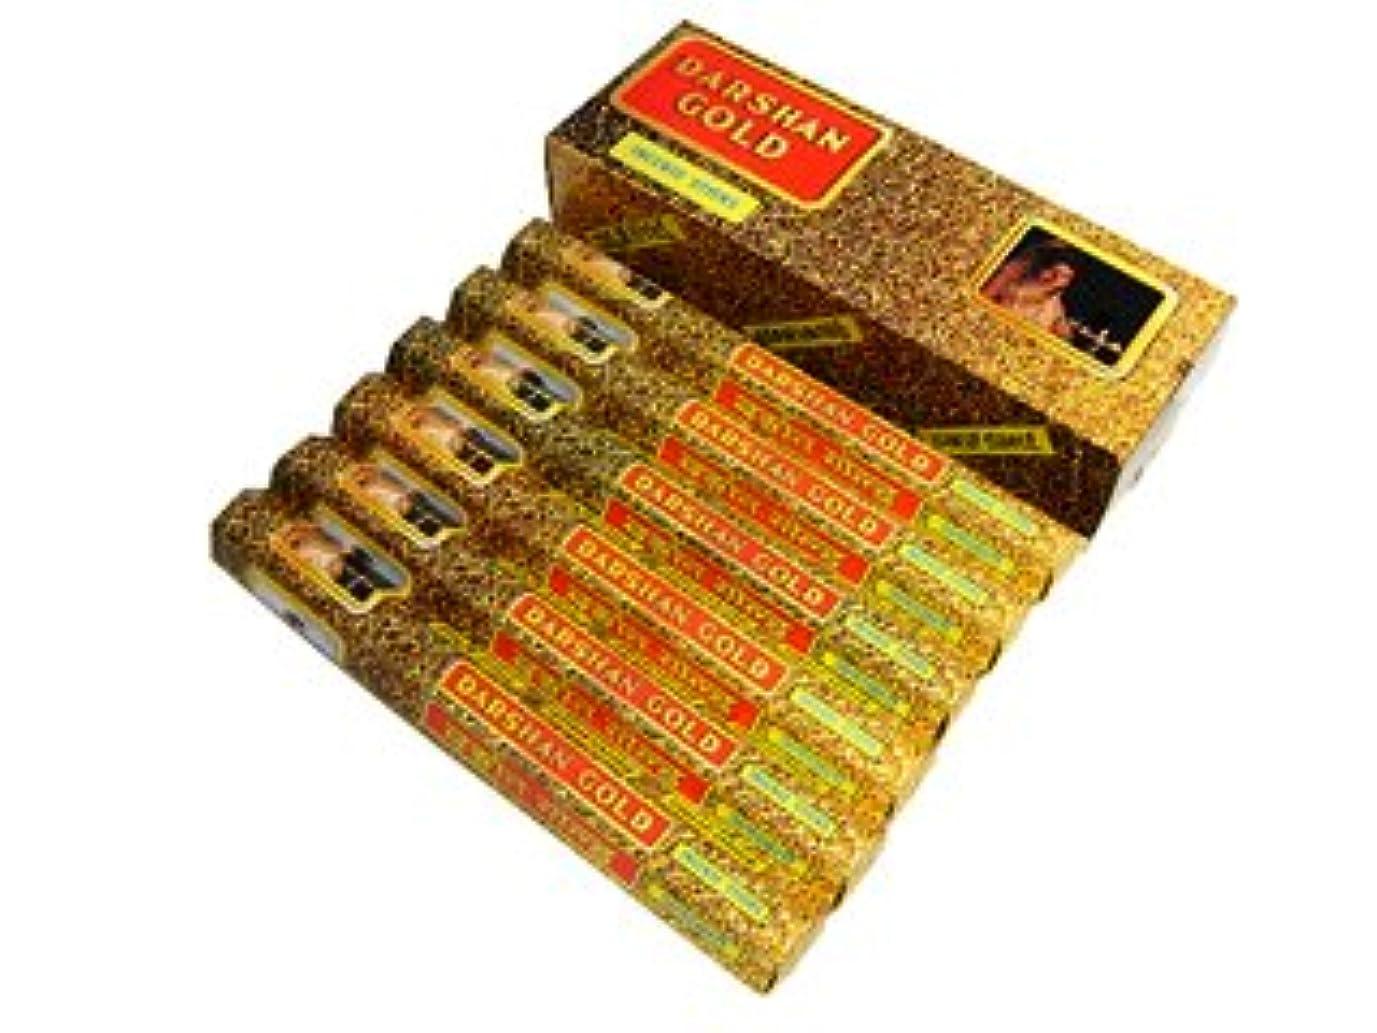 穴グラフィック支出DARSHAN(ダルシャン) ゴールド香 スティック DARSHAN(ダルシャン) 6箱セット